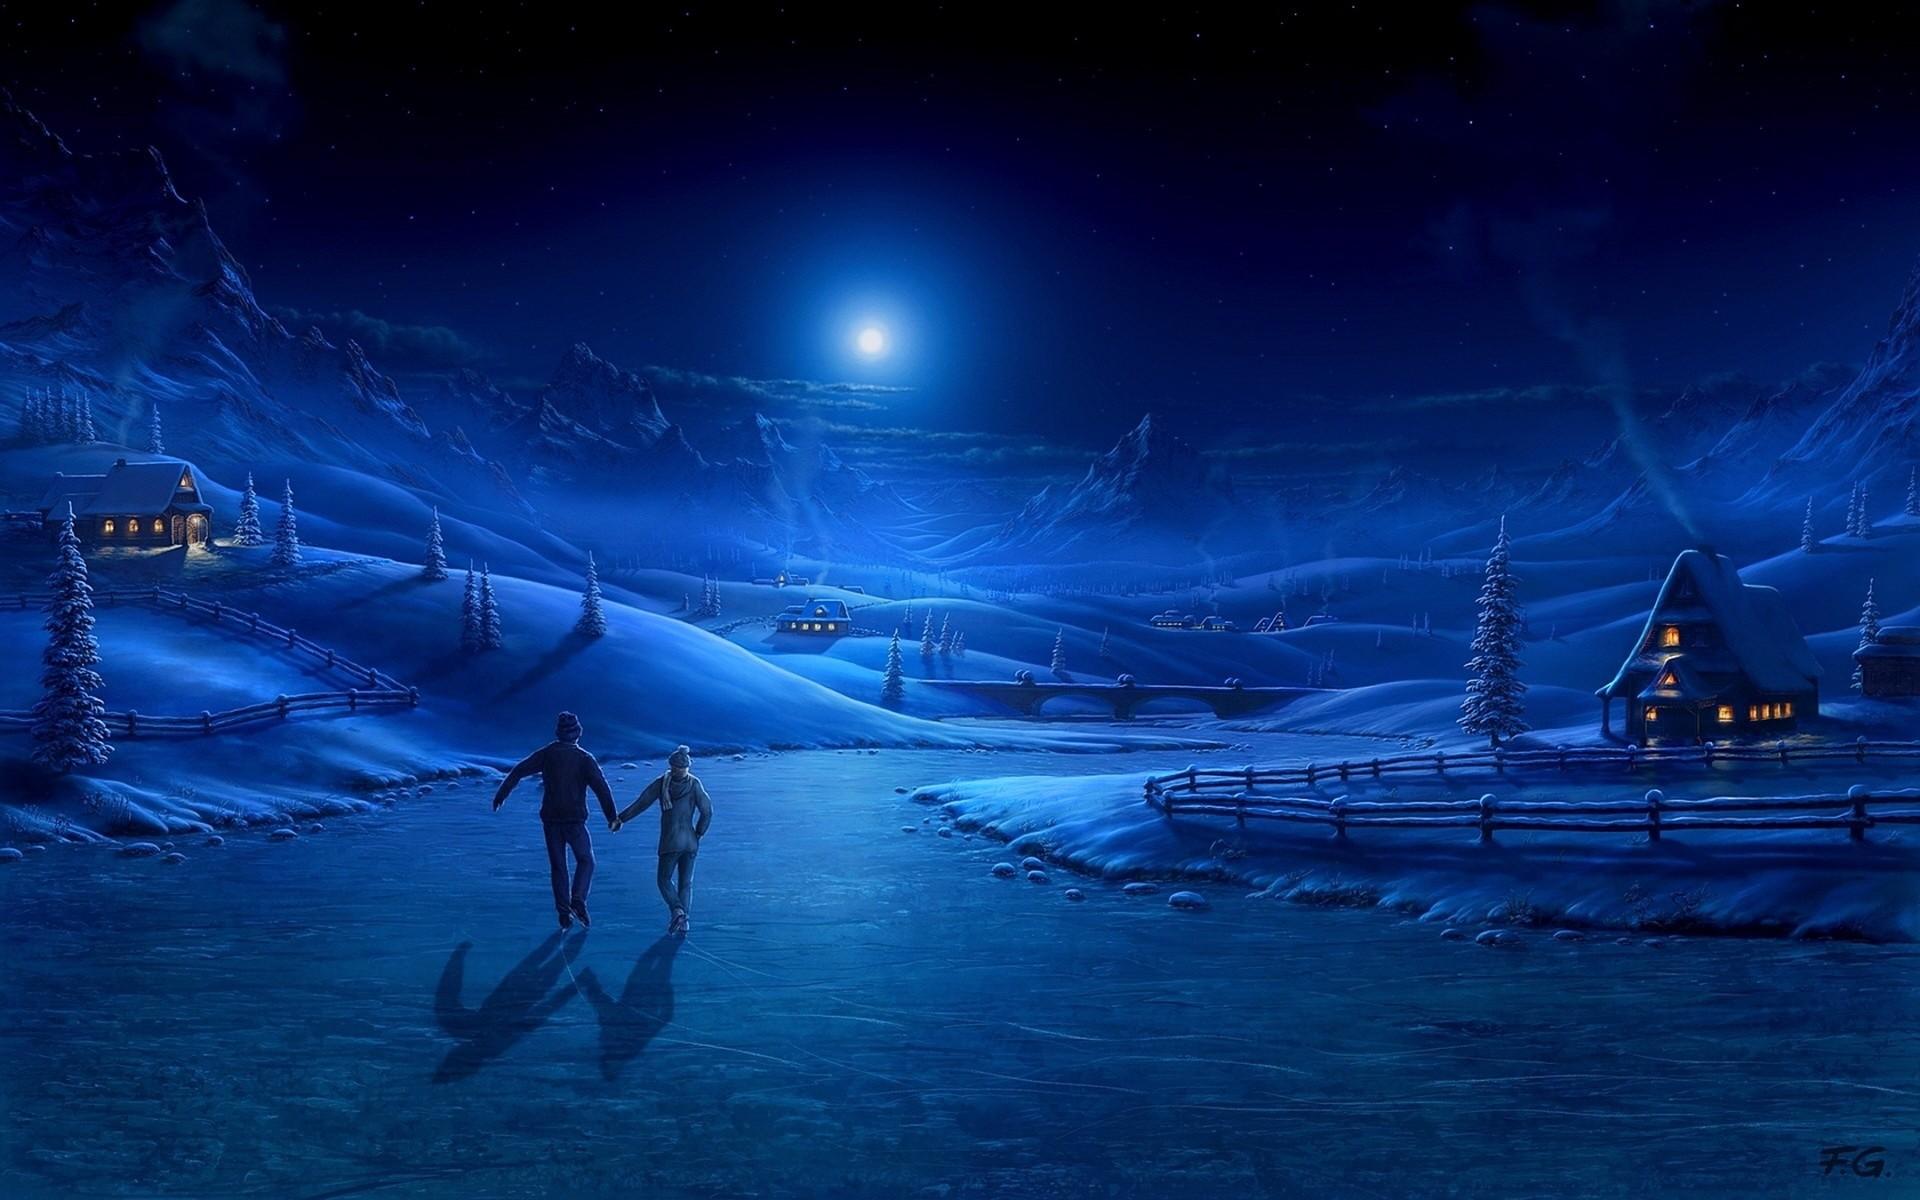 Wallpaper night, ice, pair, light, moon, skating rink, art